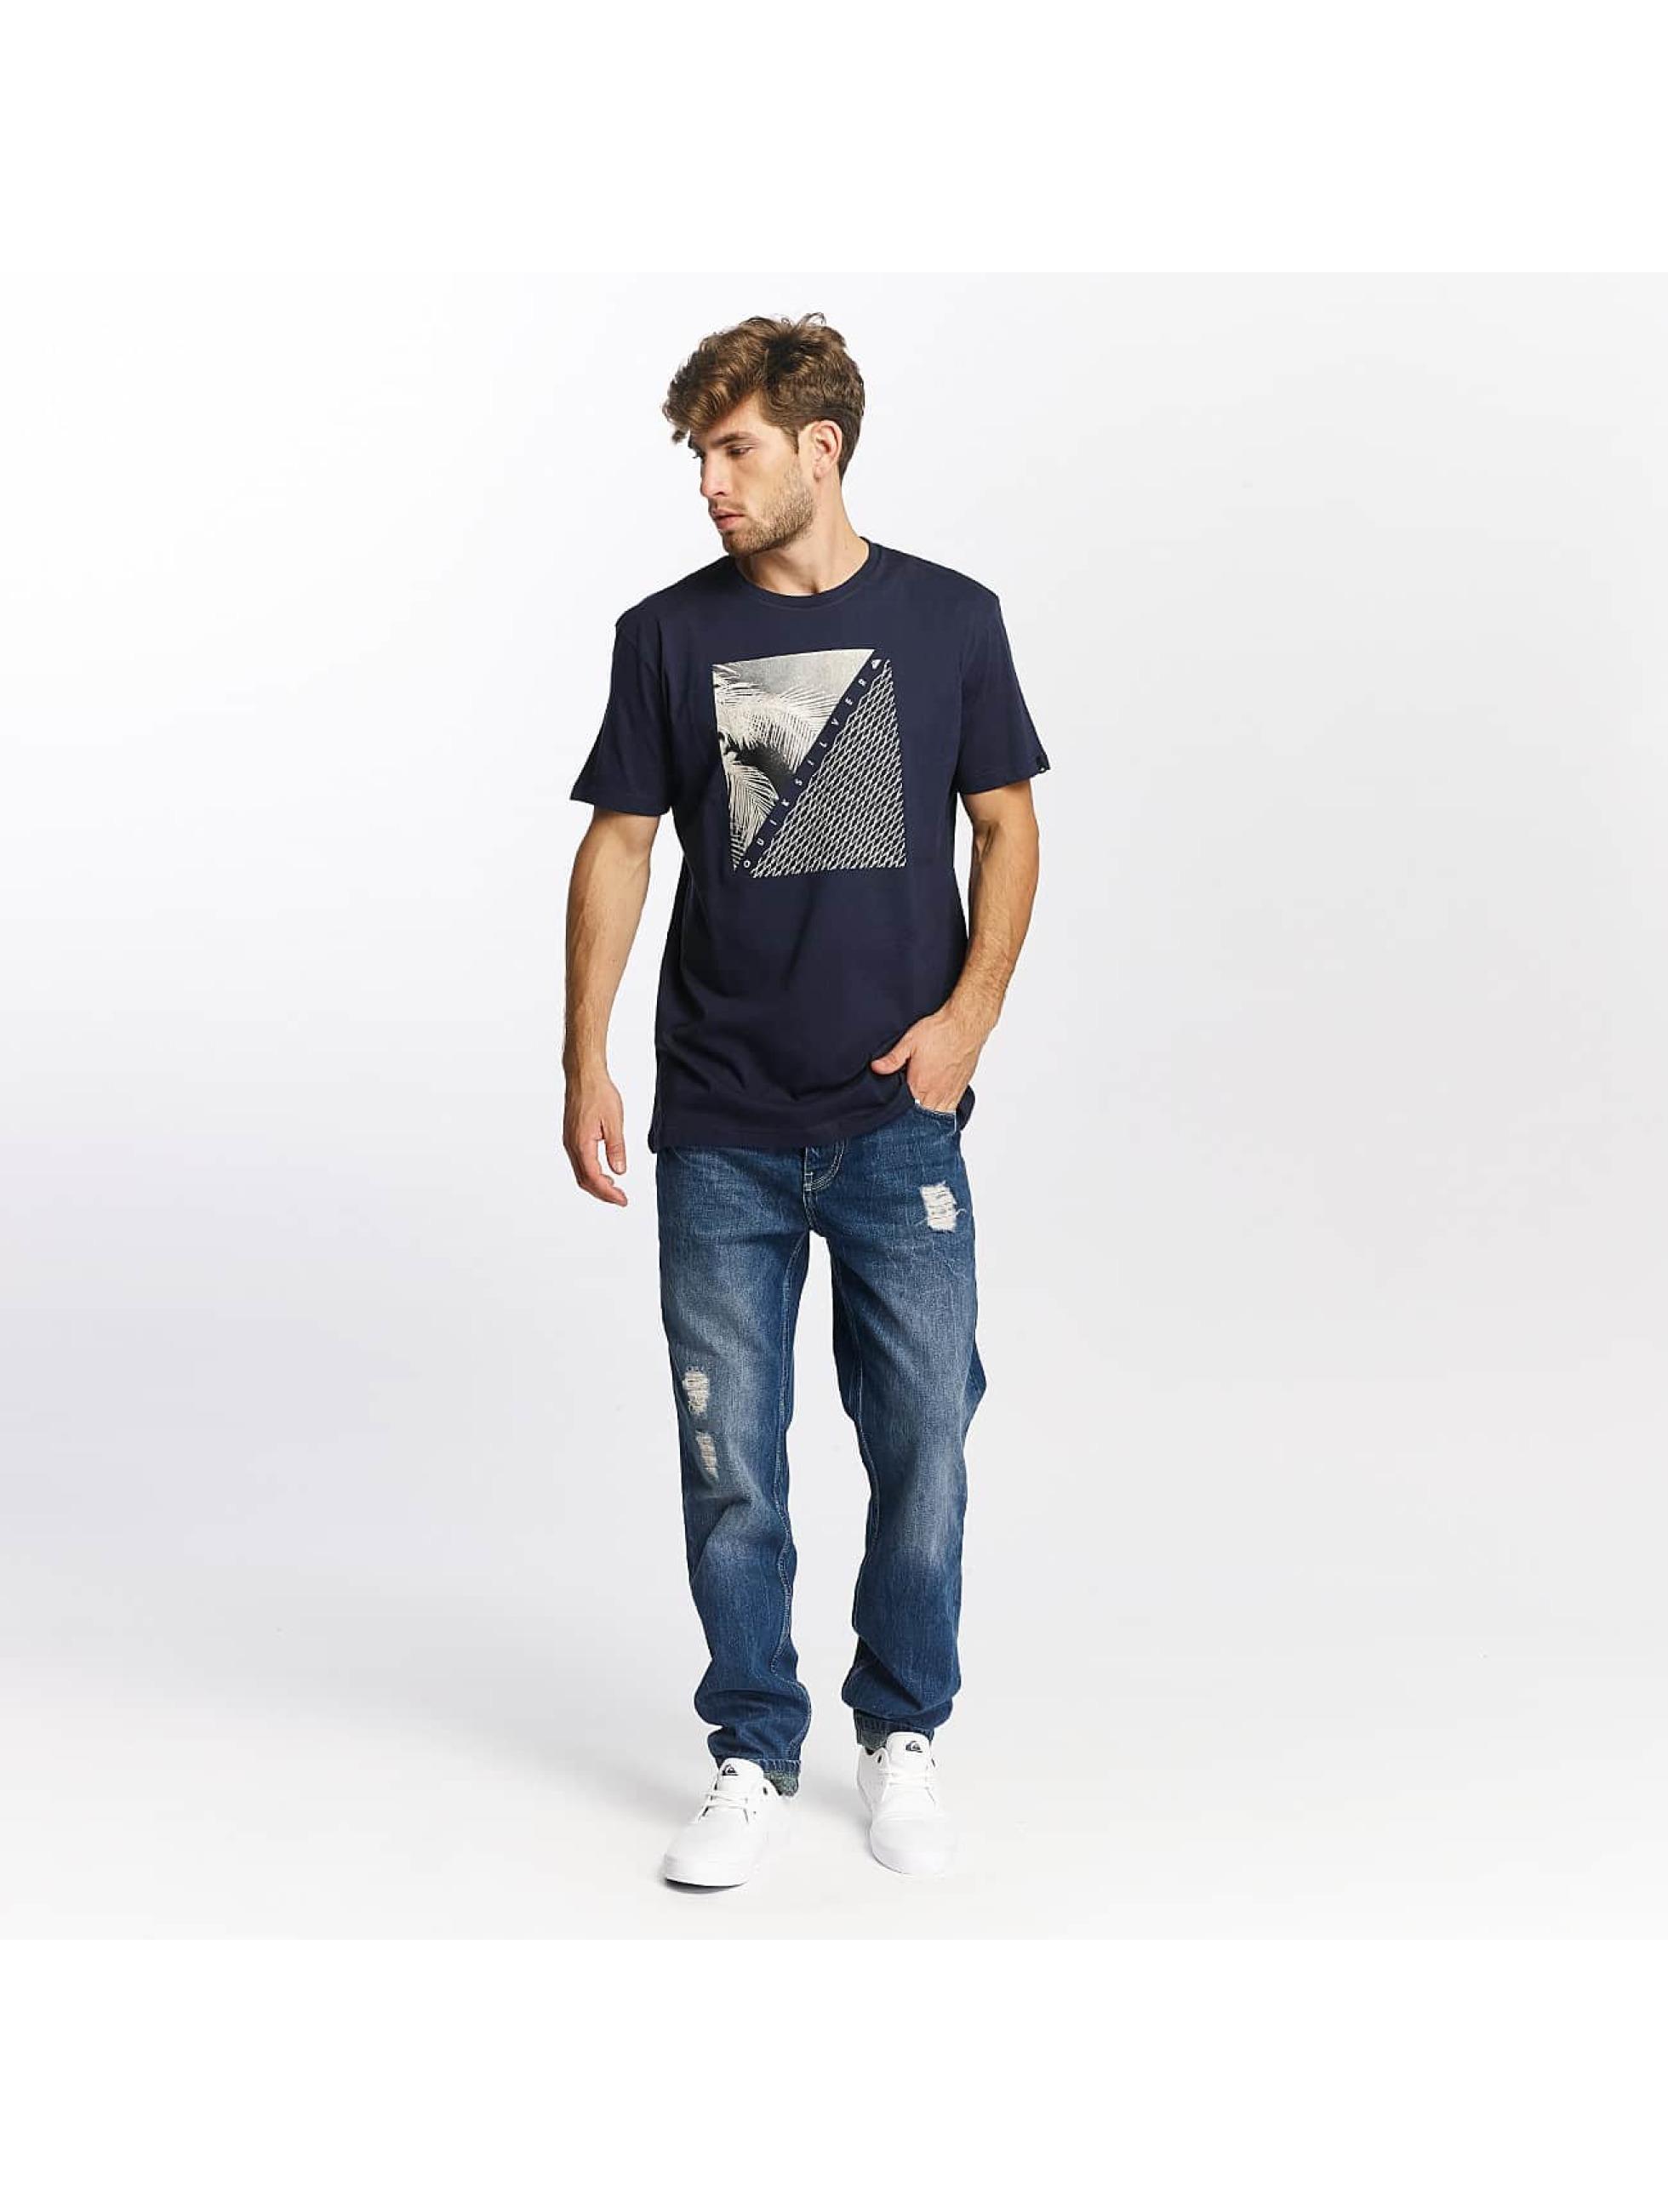 Quiksilver Camiseta Classic Coast Lines azul